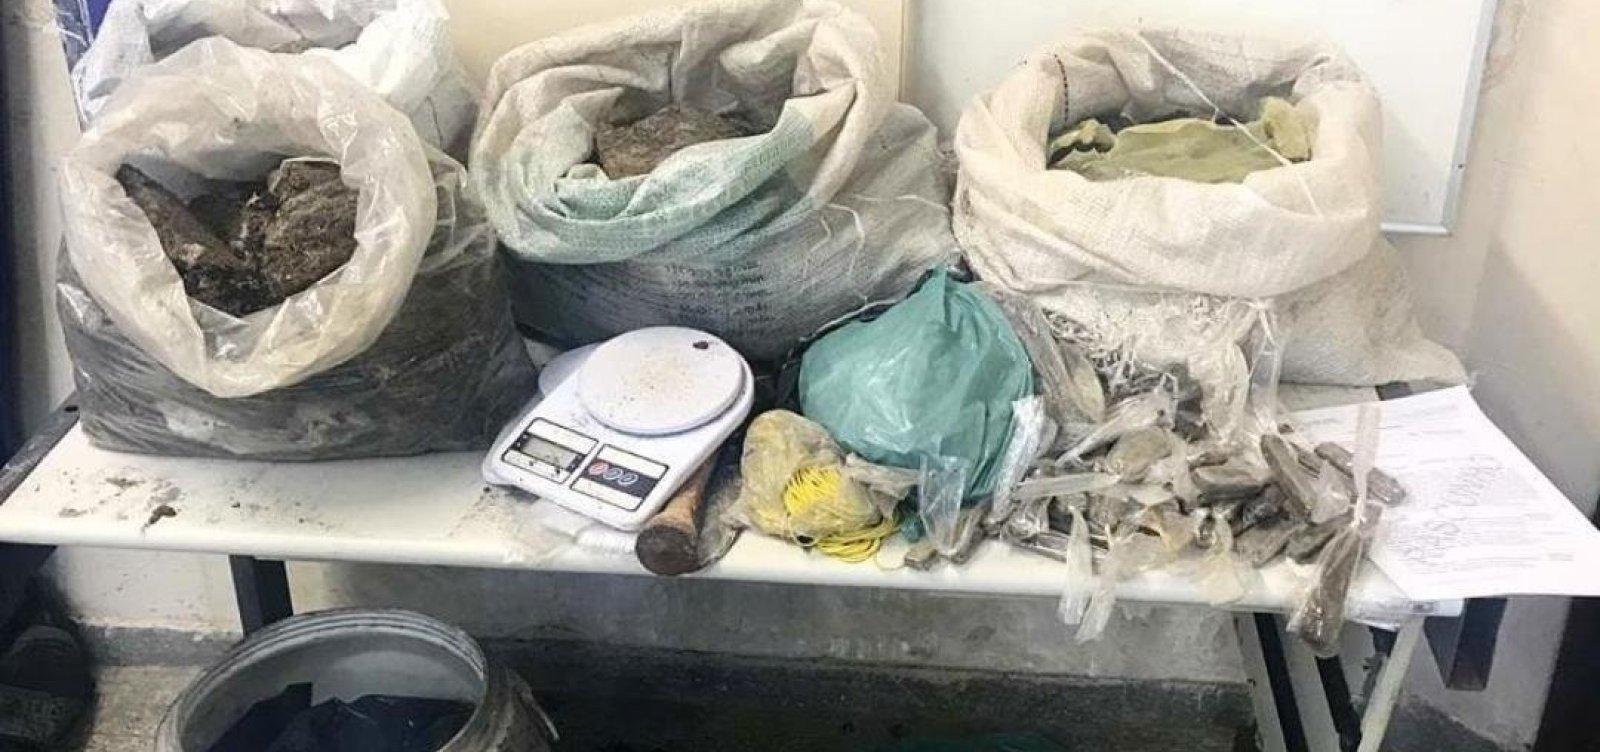 [60 kg de maconha são achados enterrados em Abrantes]